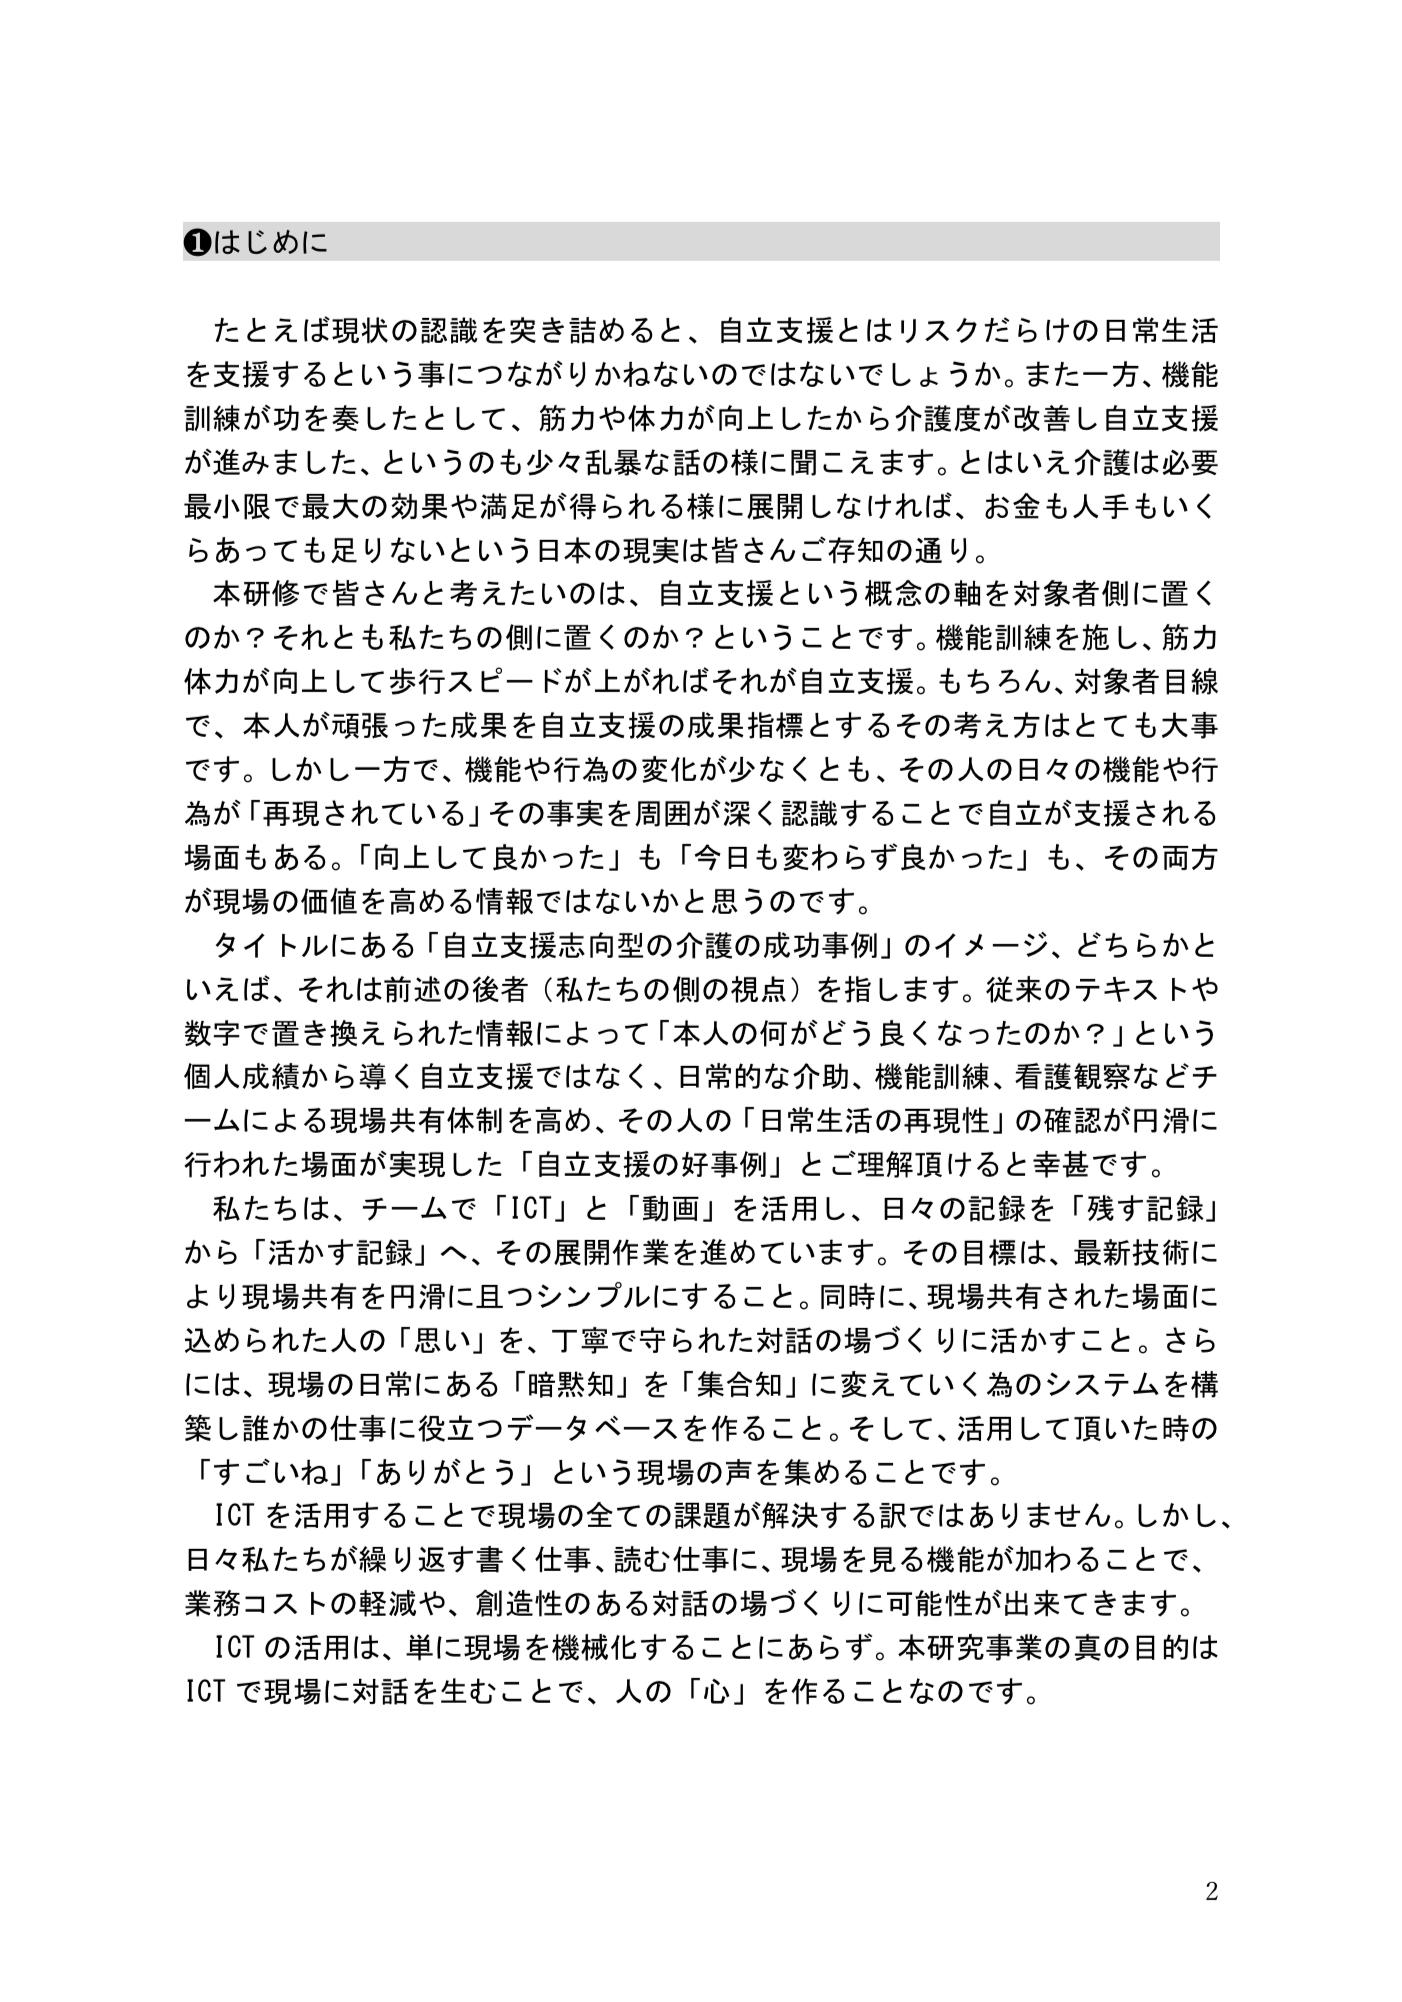 20180118_老祉協研修04